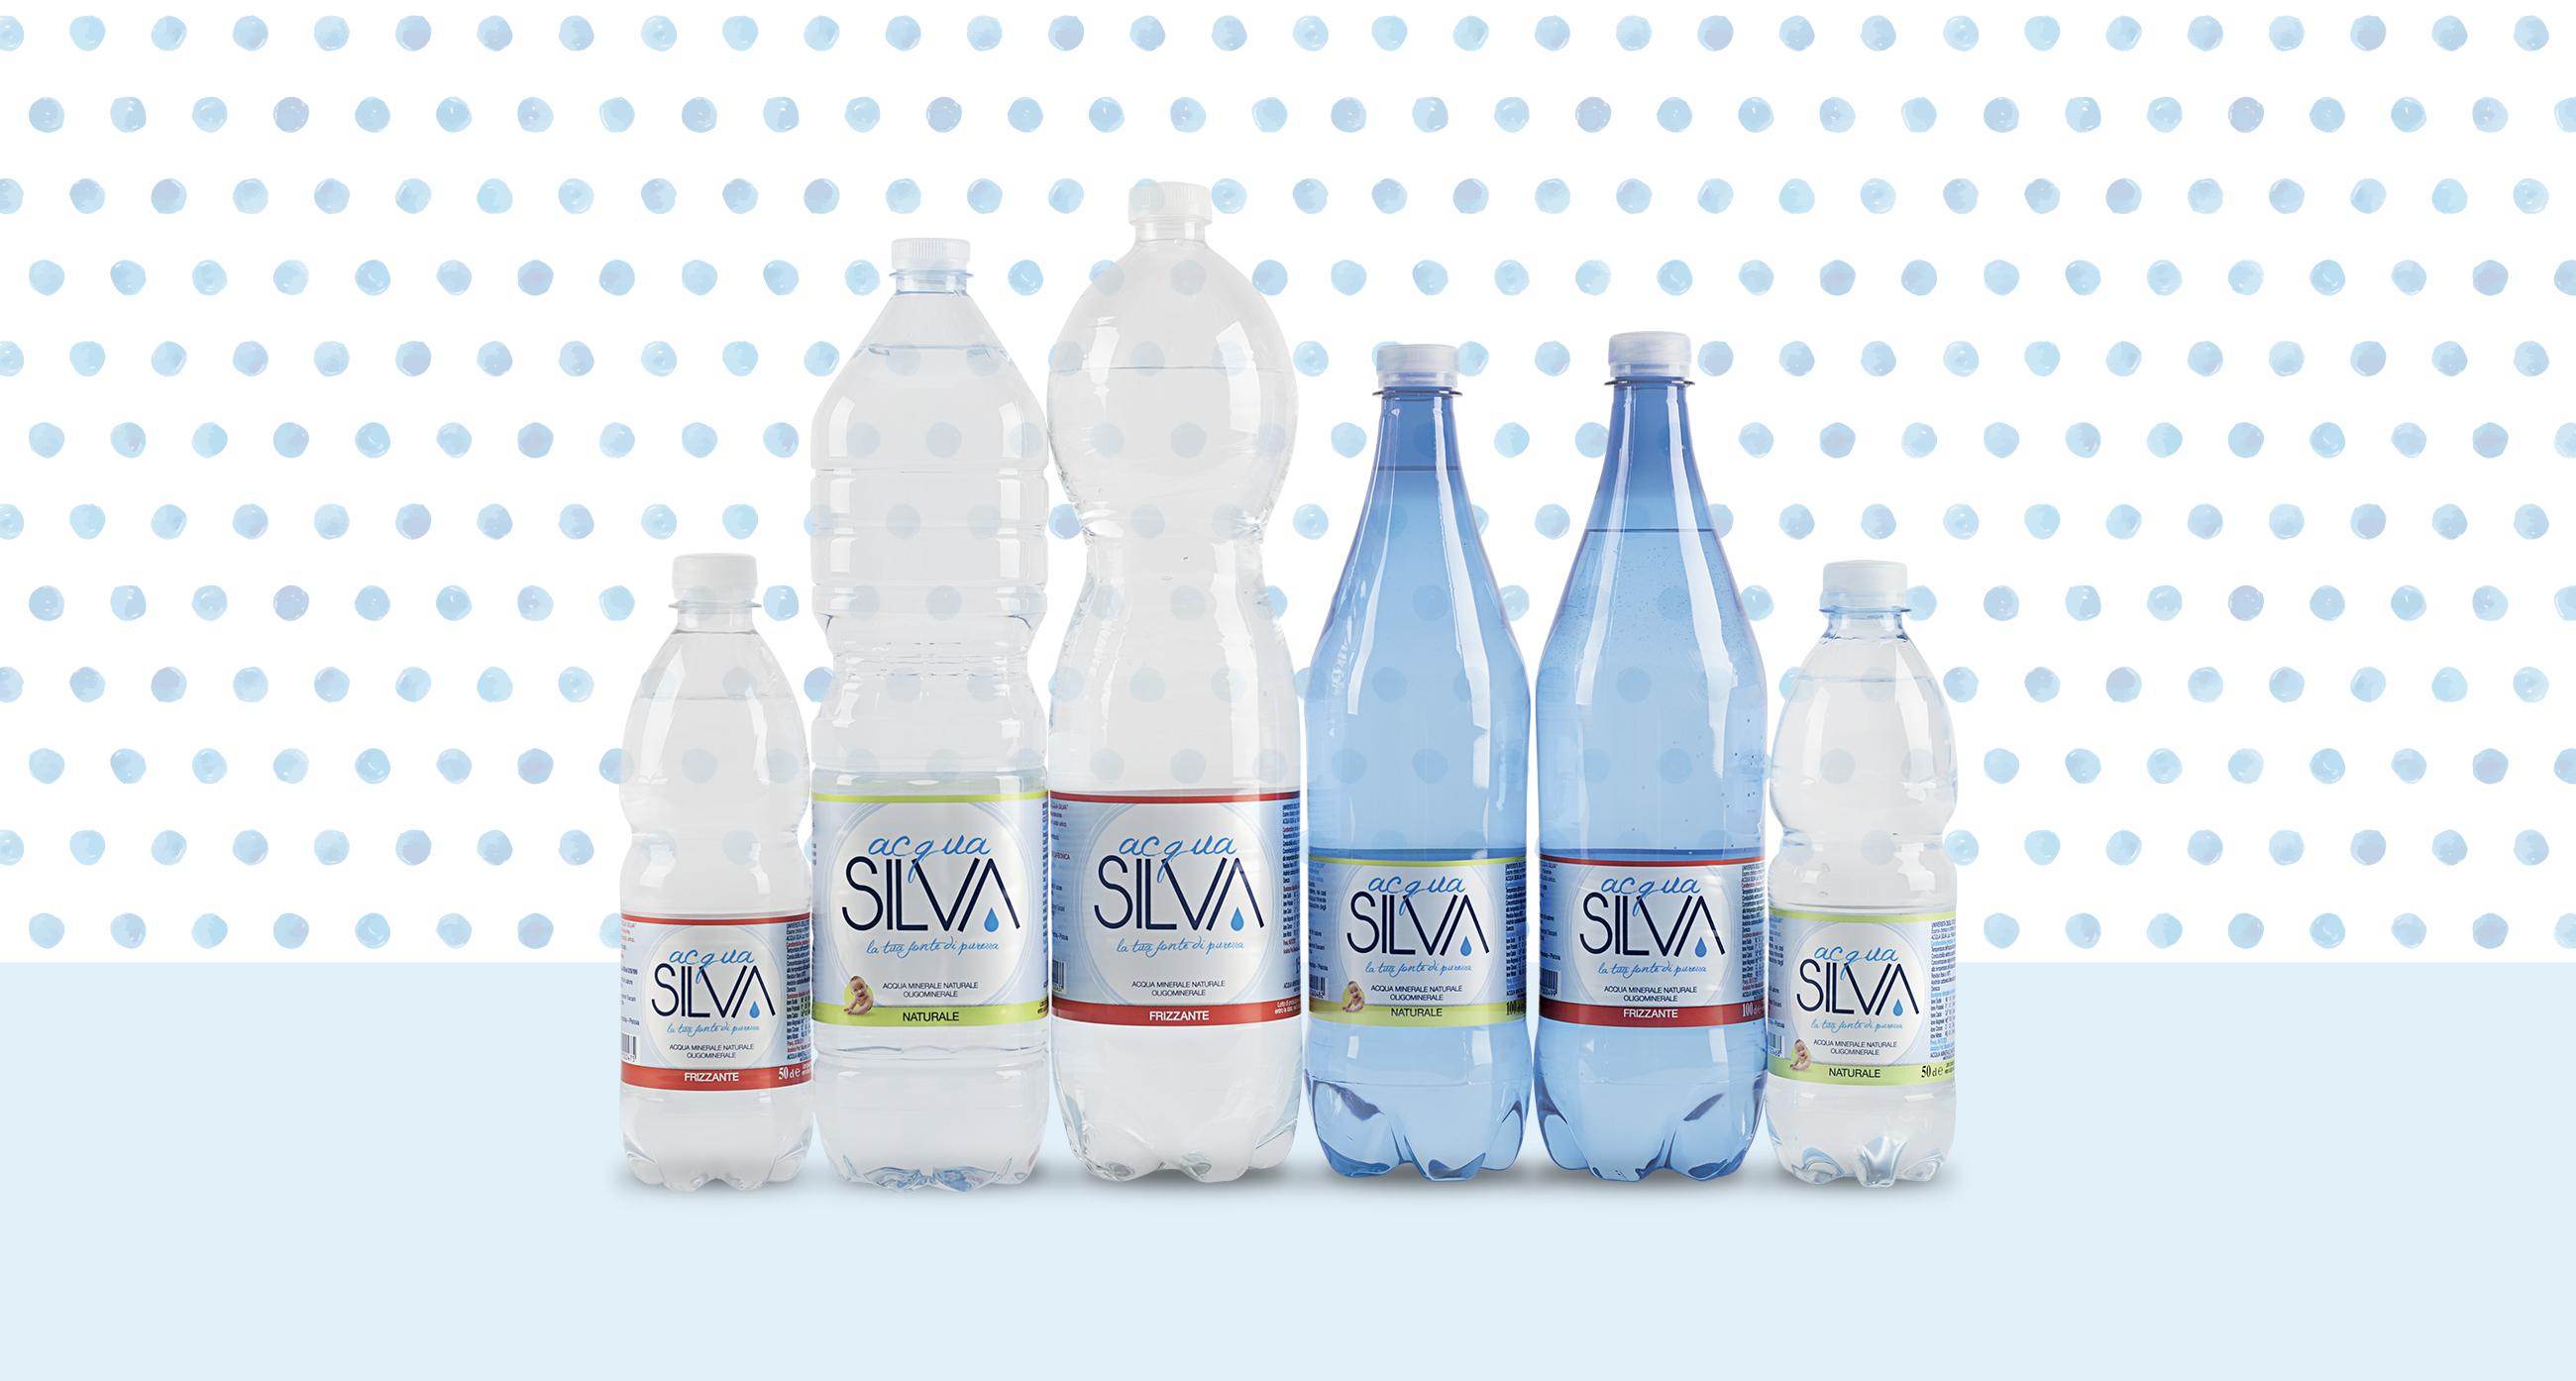 Acqua Silva nuove etichette